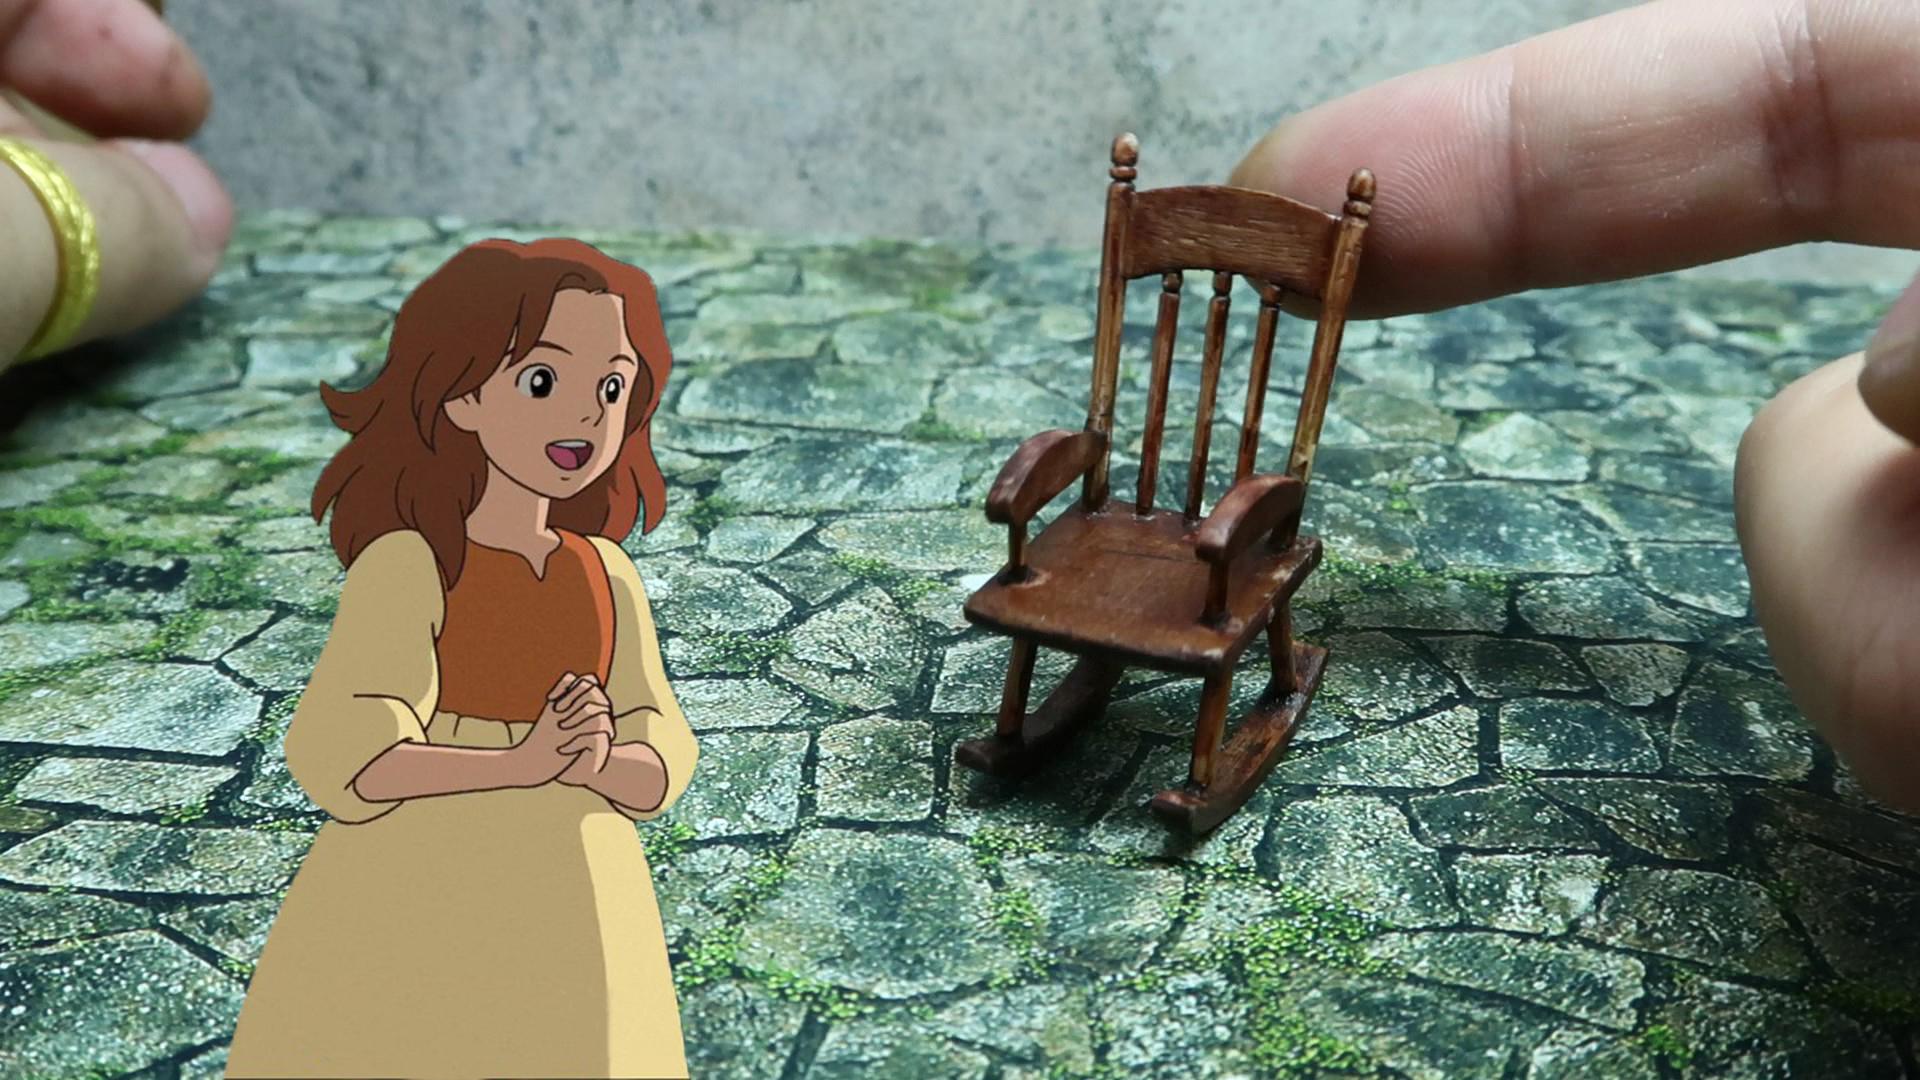 【微缩手工】用废木板和牙签还原艾莉缇的小摇椅